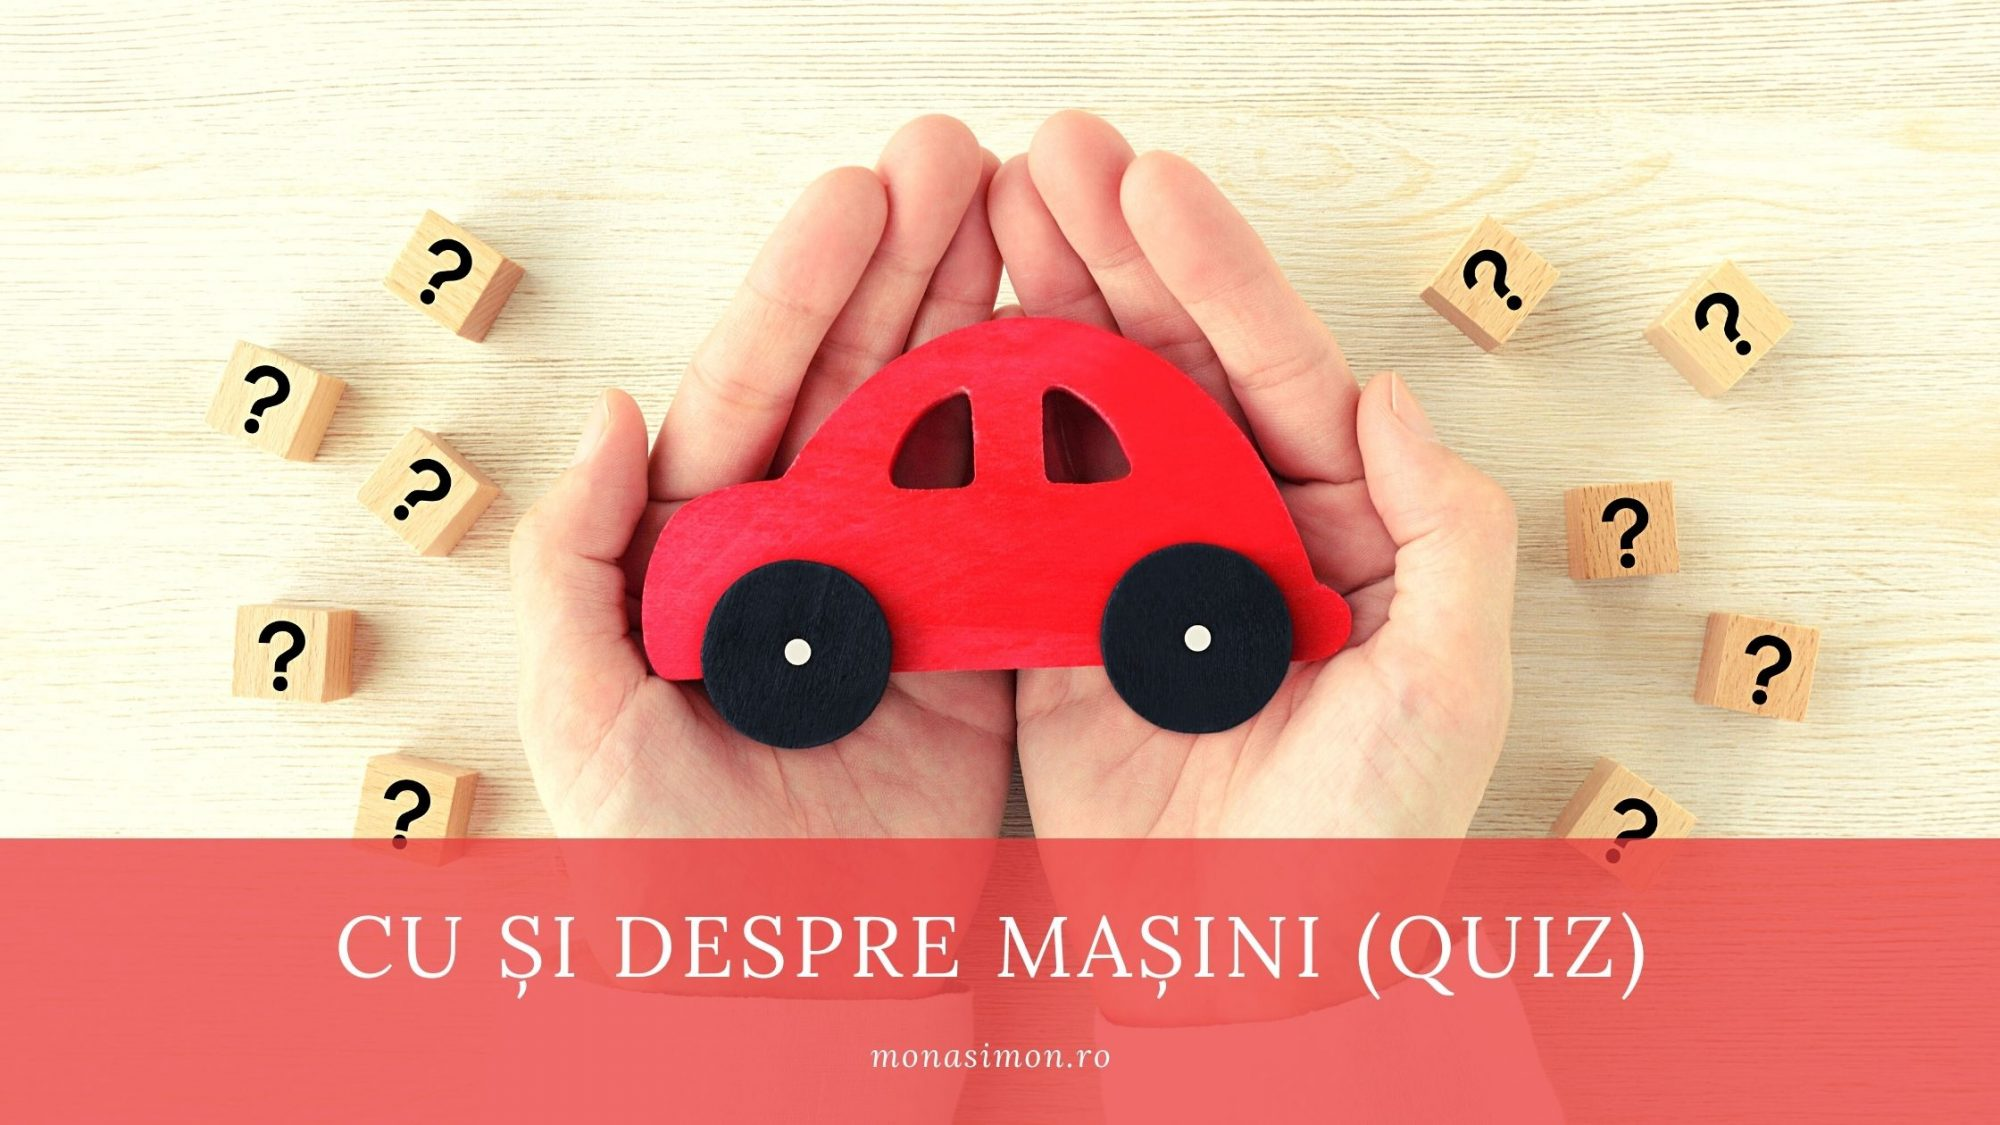 Cu și despre mașini (quiz)